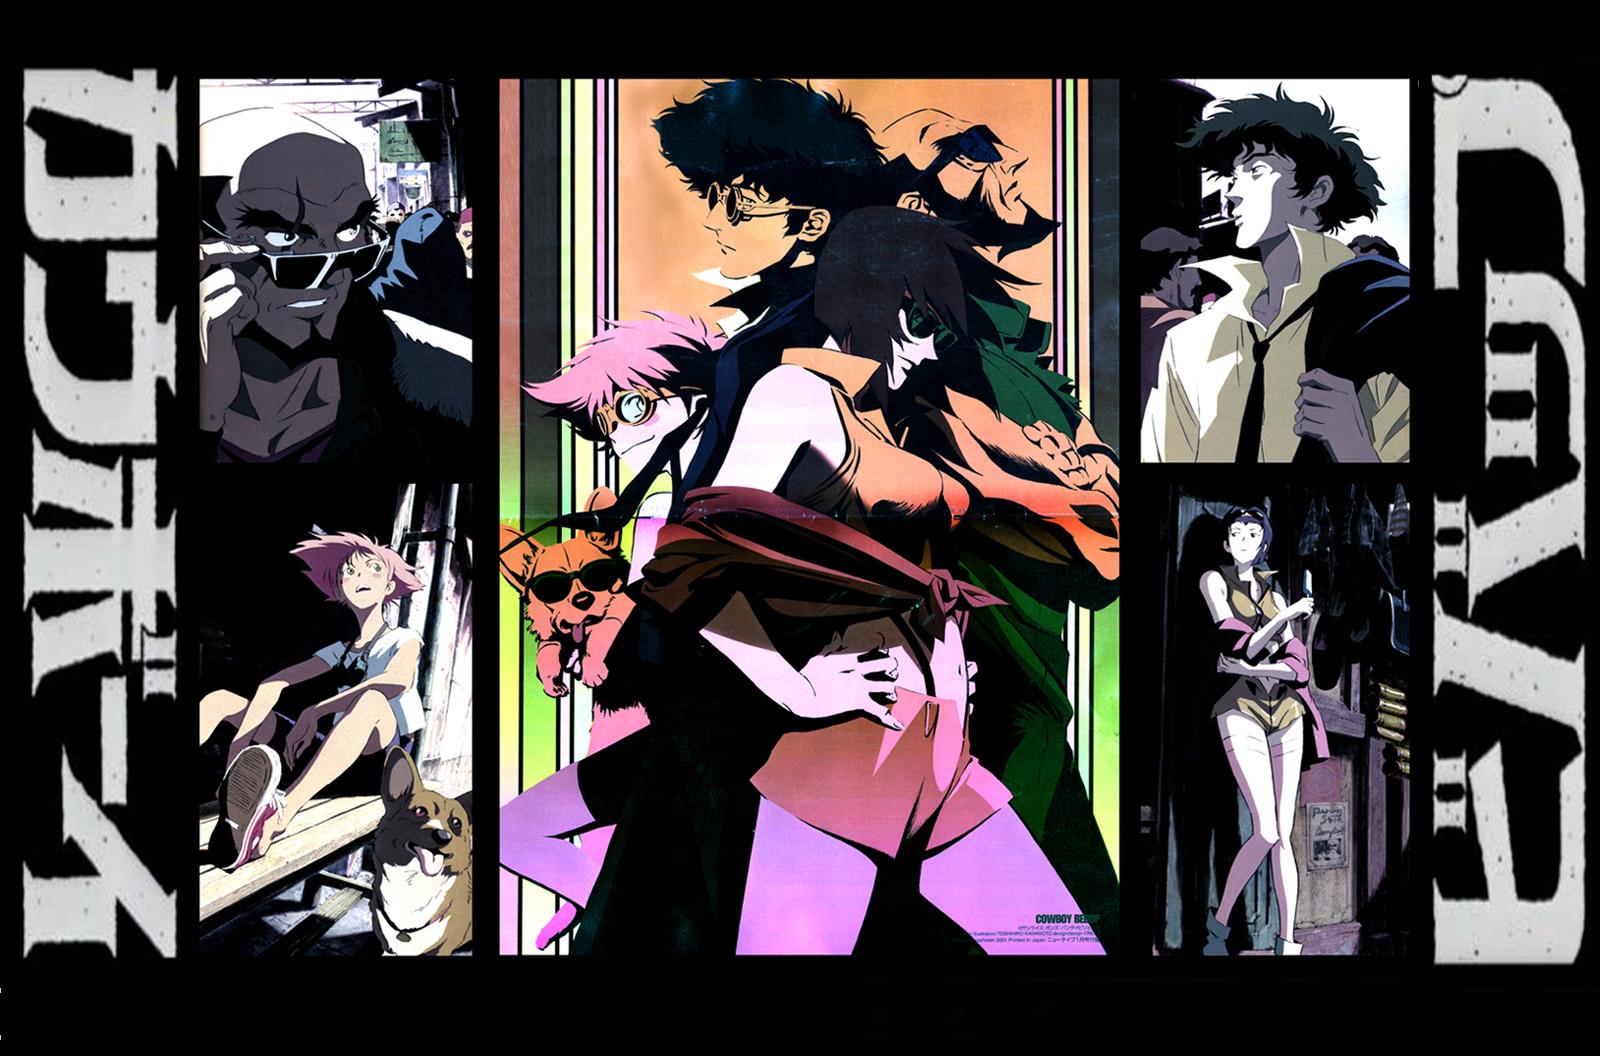 Cowboy Bebop Wallpaper 1600x1056 Cowboy Bebop 1600x1056